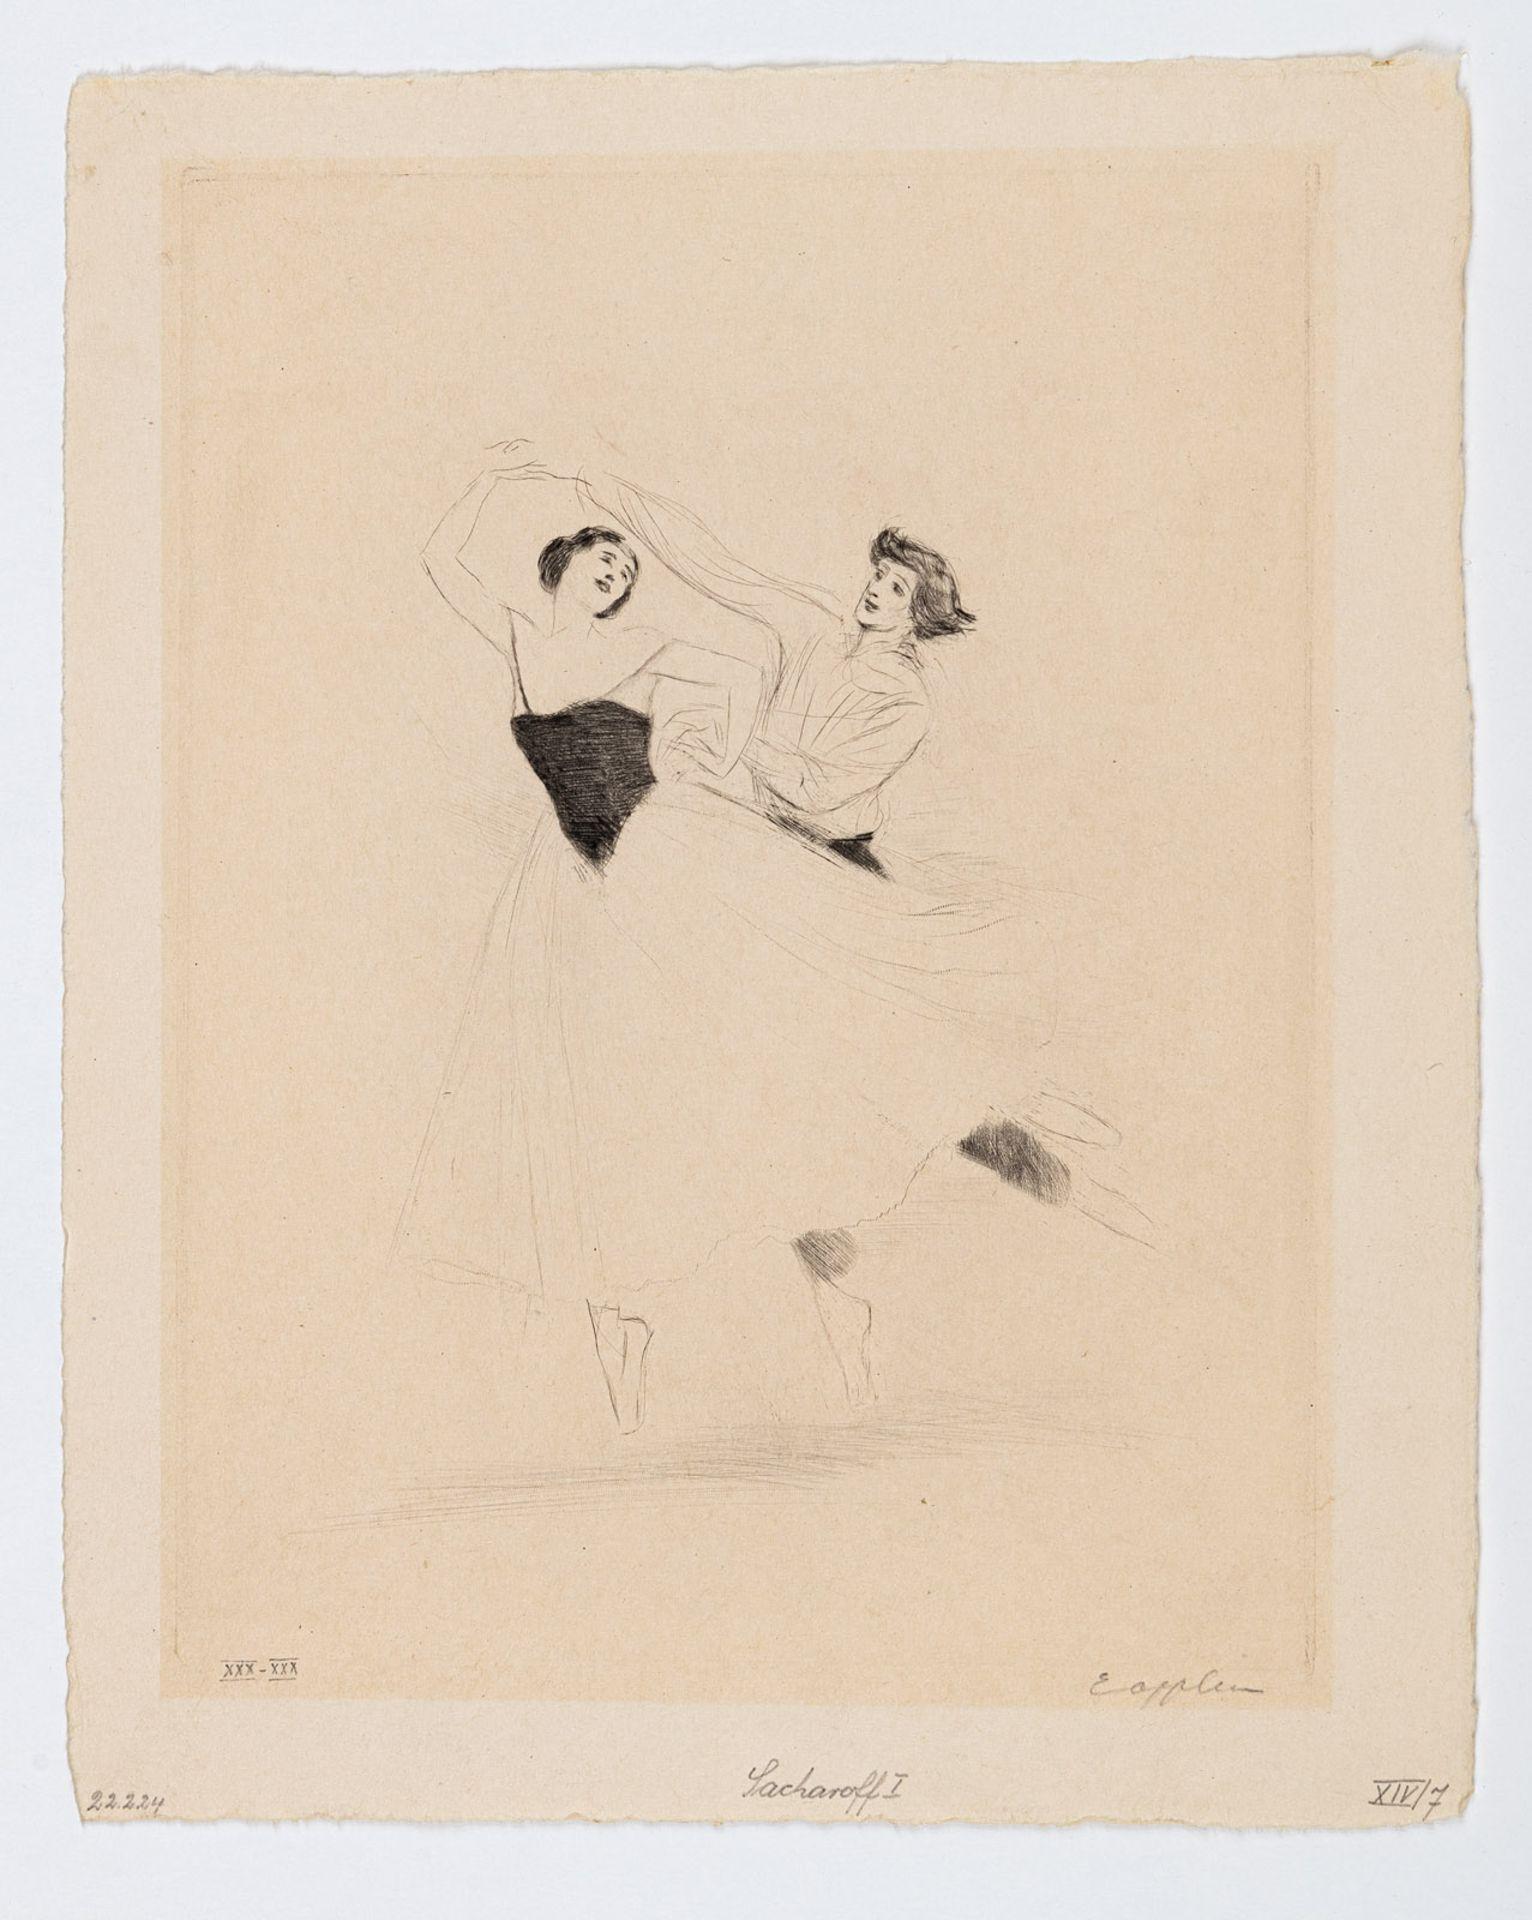 Oppler, Ernst - Image 8 of 9